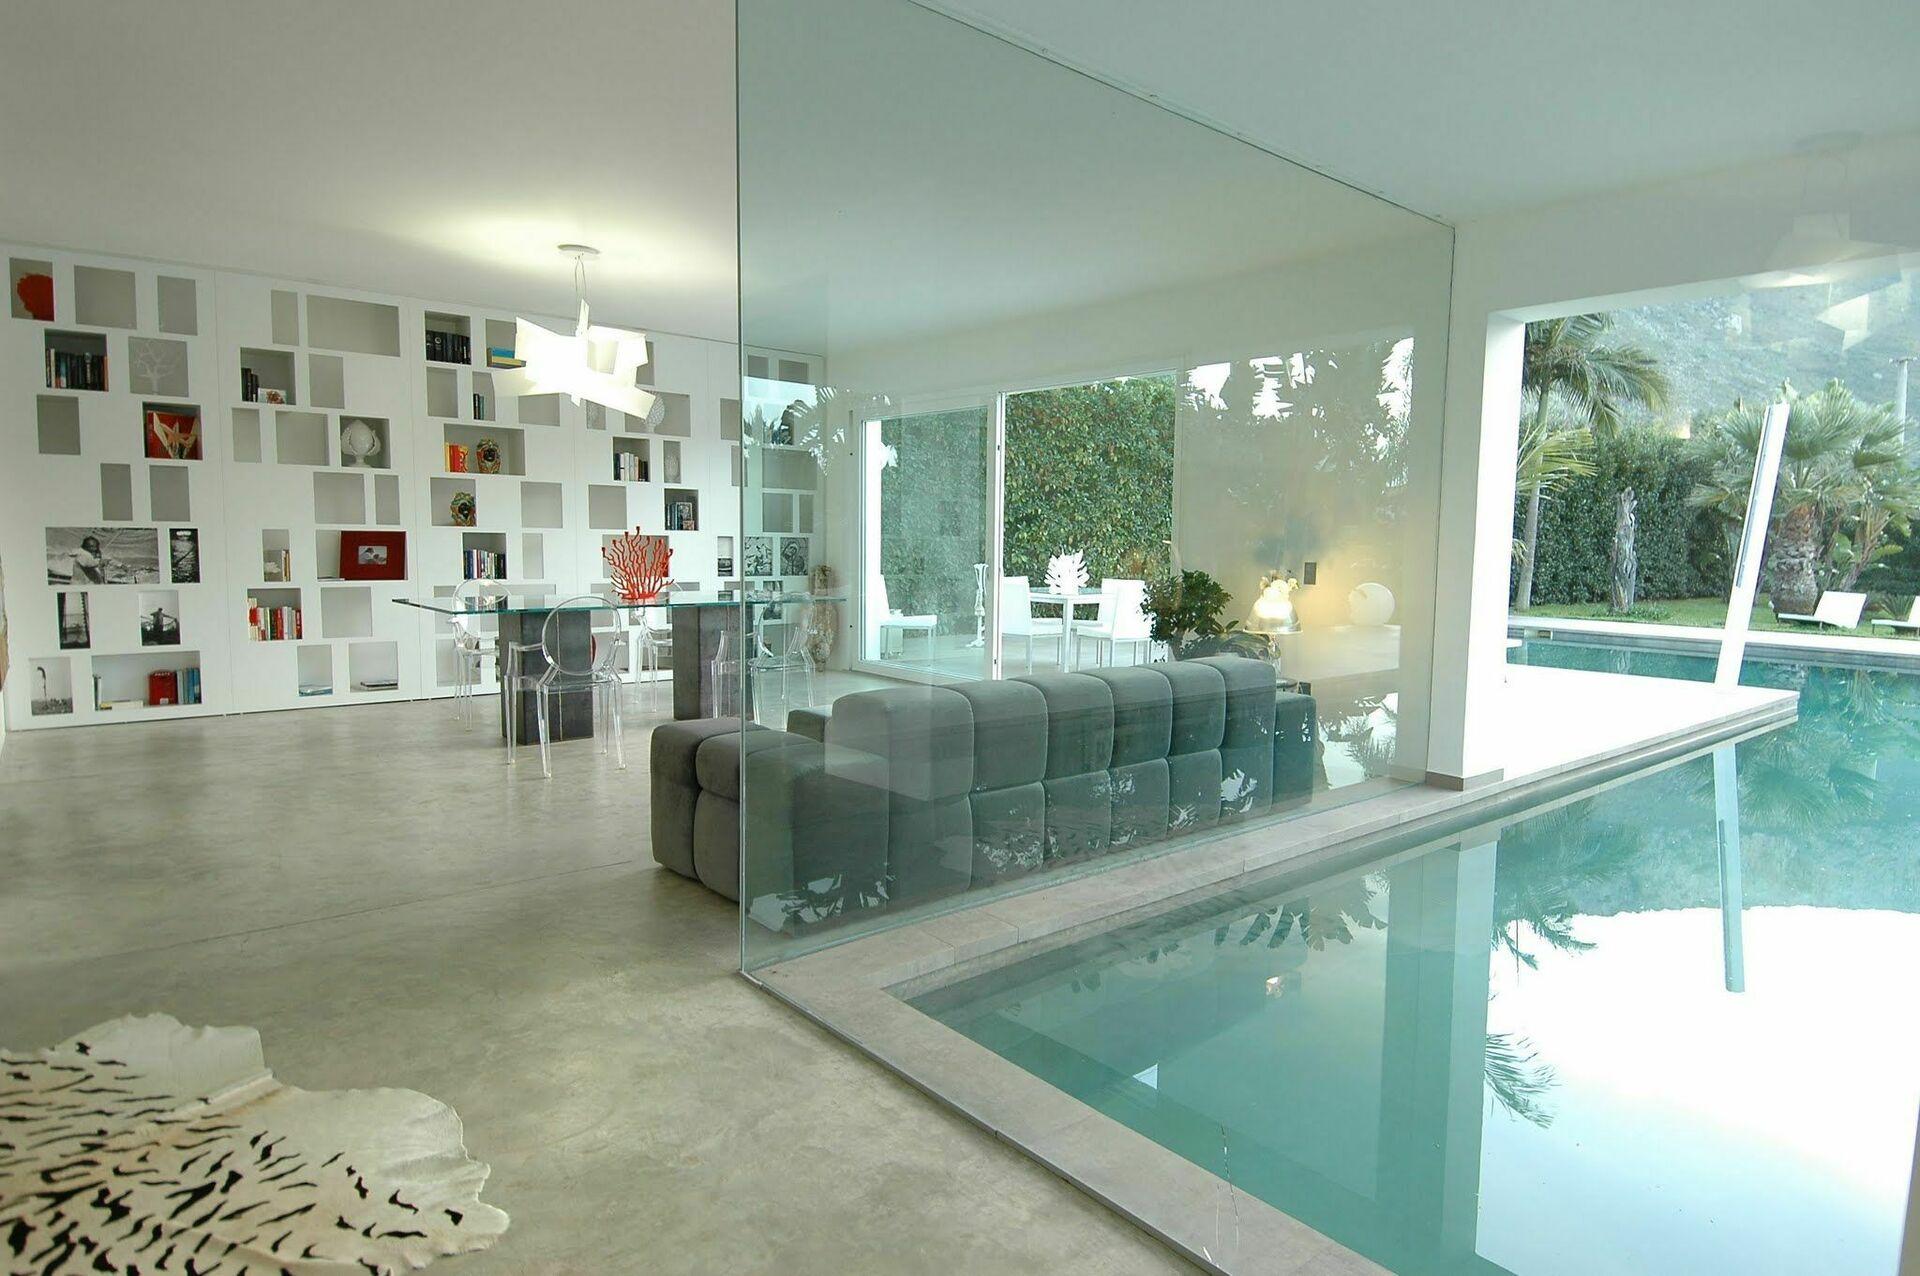 Villa denari villa vacanze in affitto a terrasini sicilia casa vacanze con piscina privata - Affitto casa vacanze sicilia con piscina ...